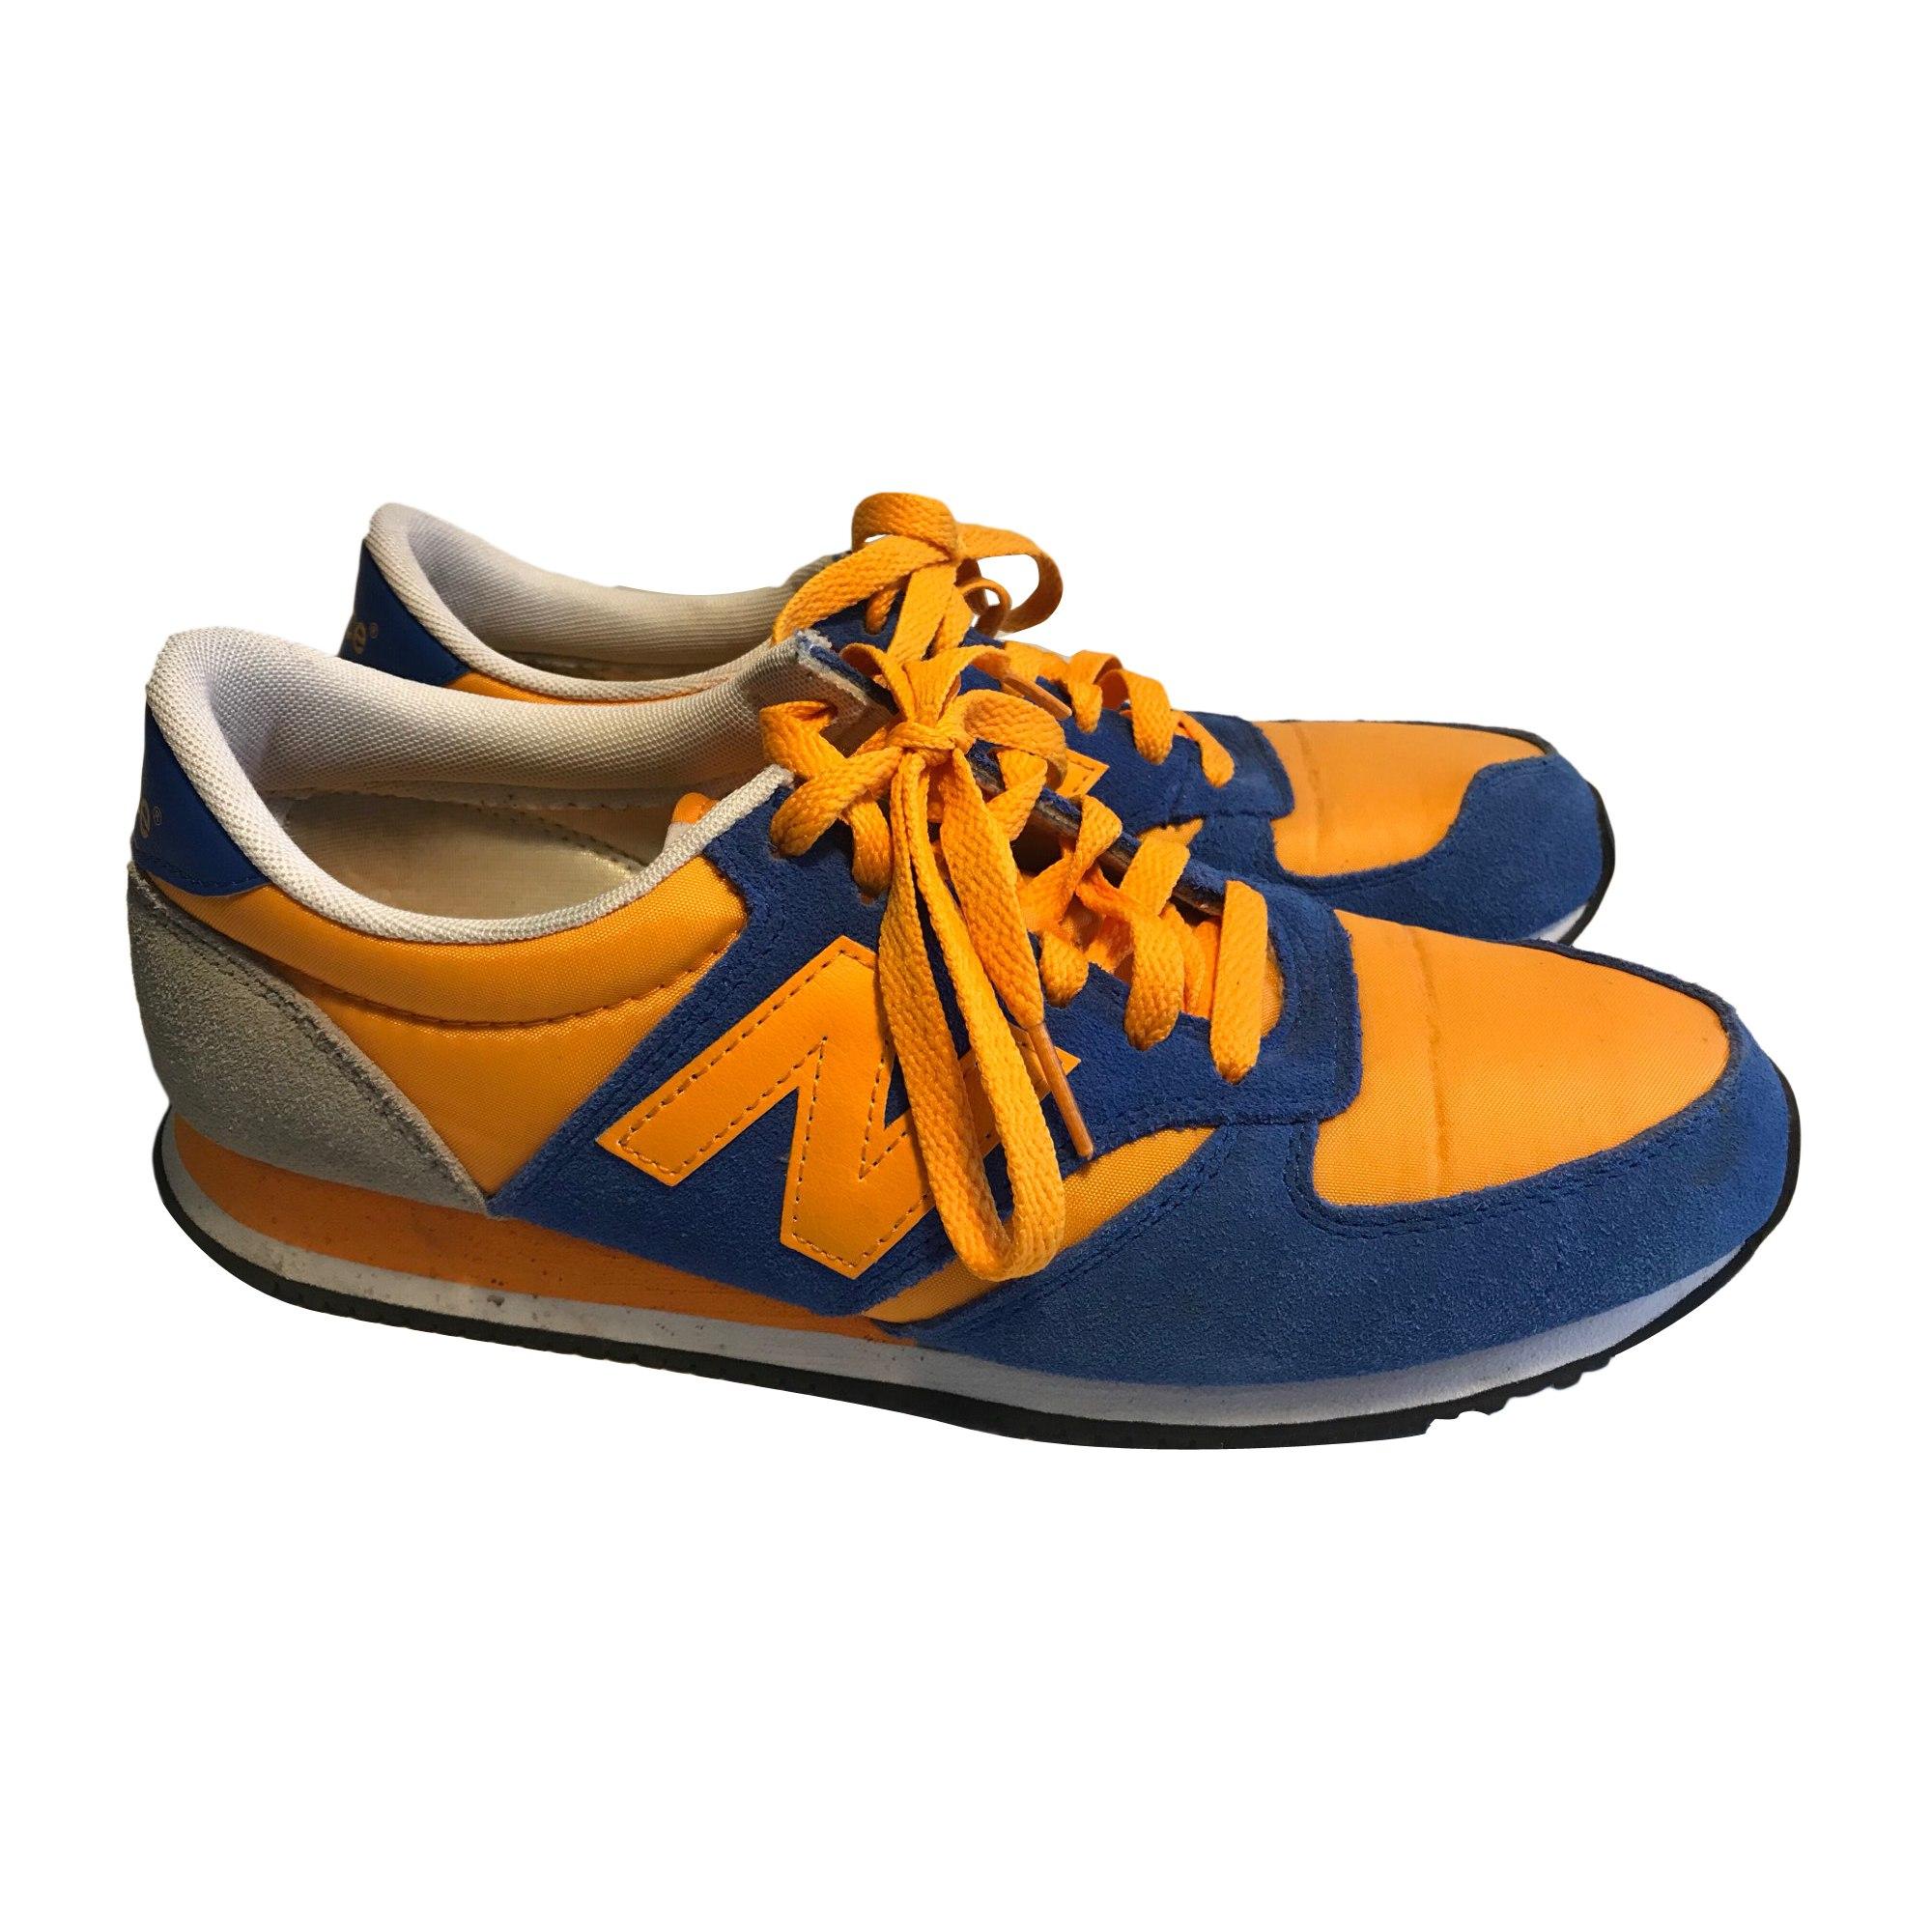 chaussures de sport new balance